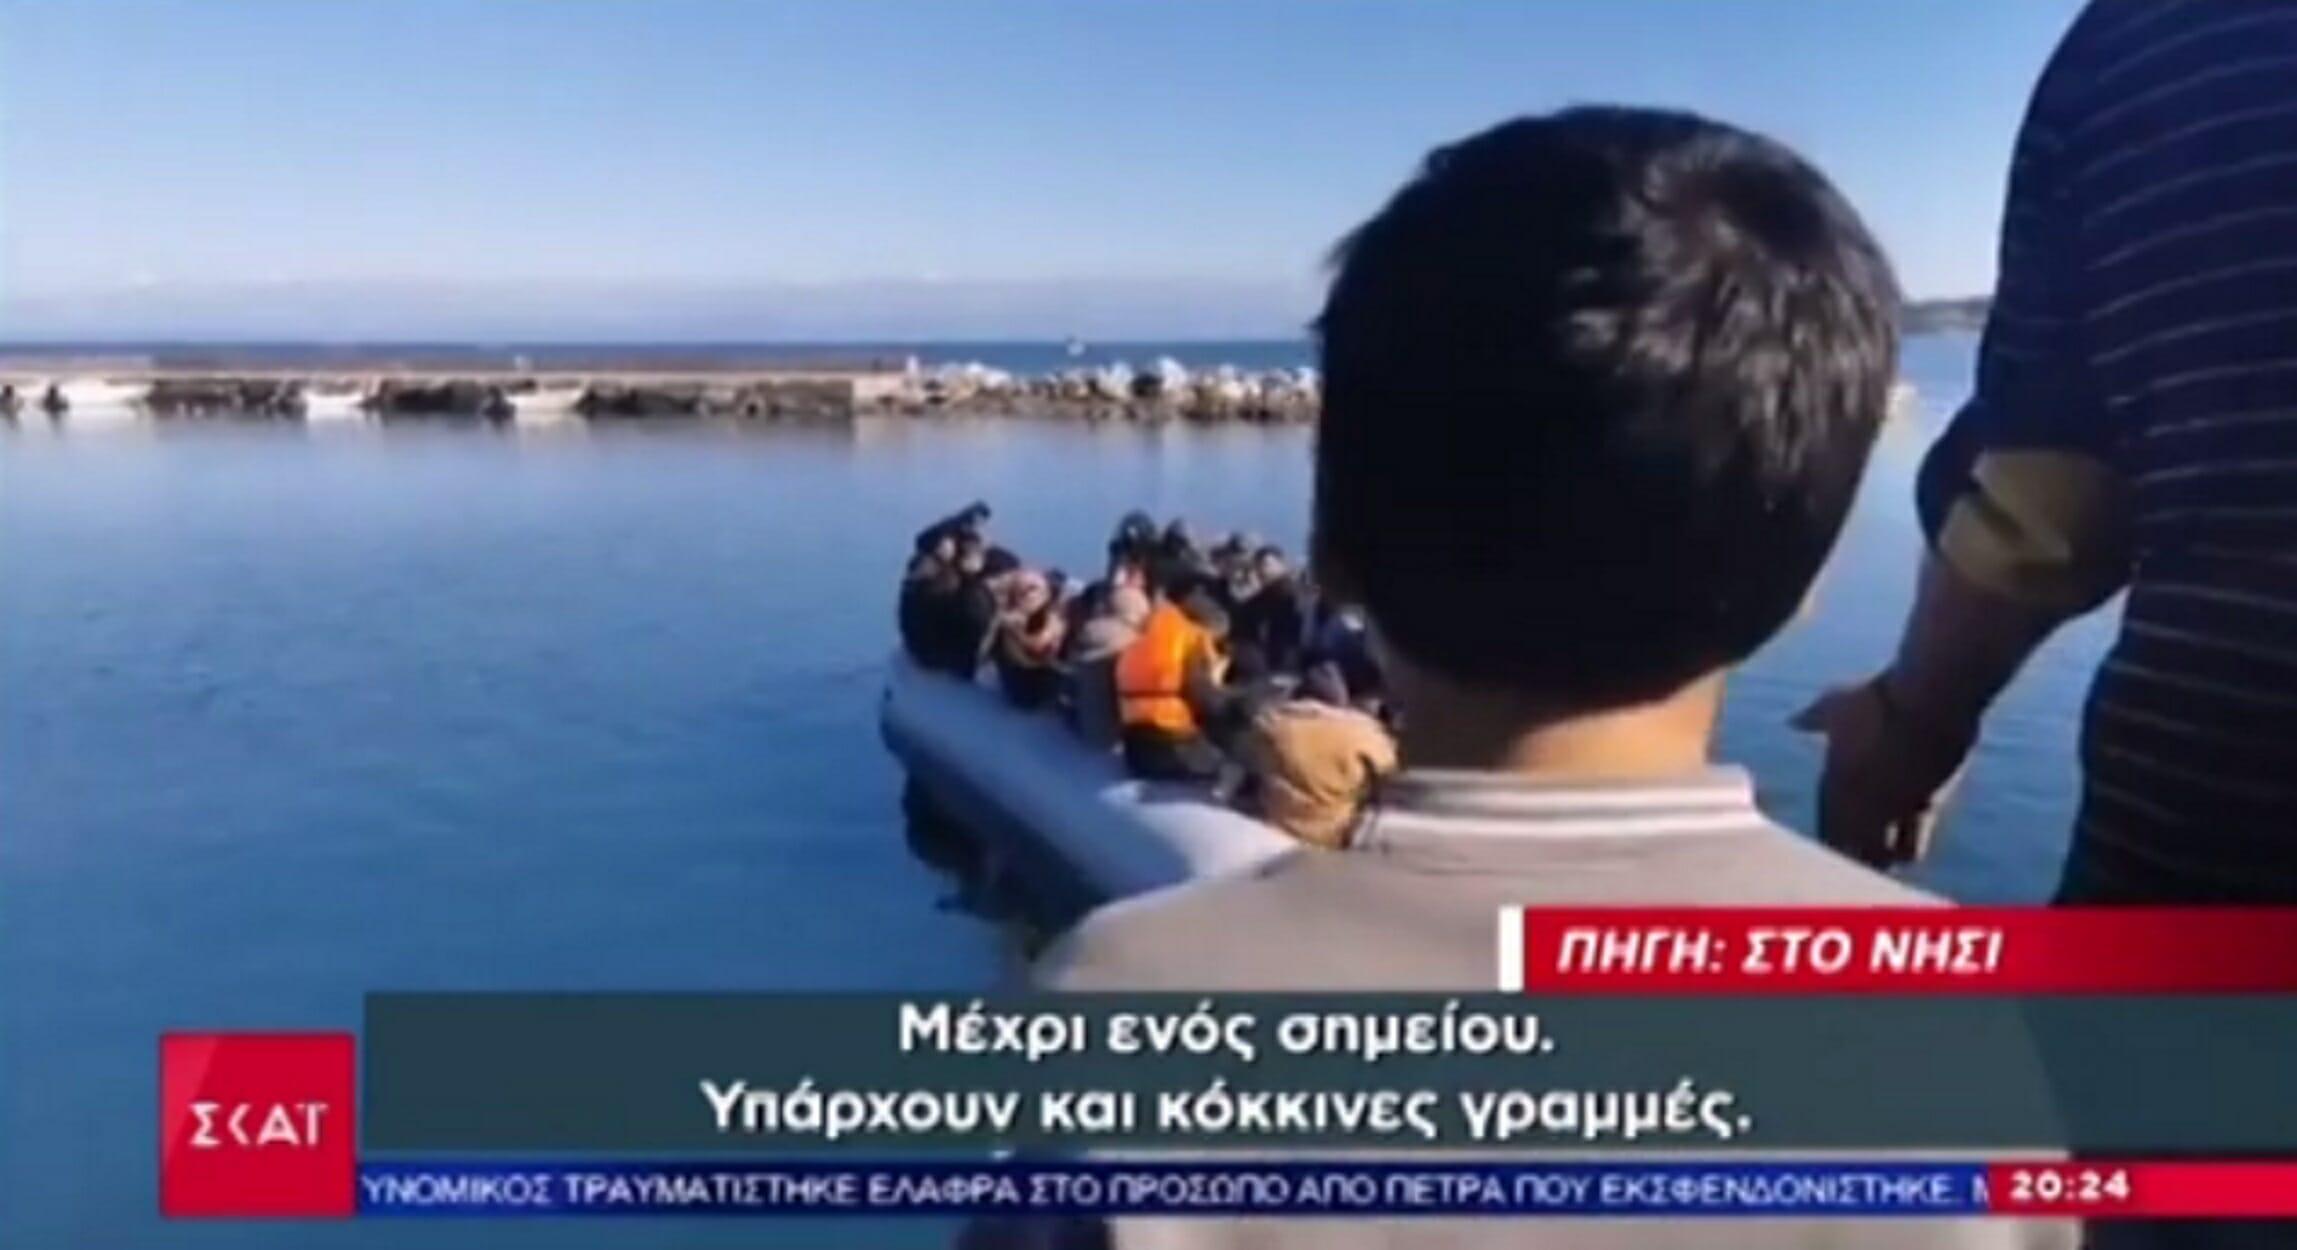 Μυτιλήνη: Εικόνες ντροπής και φράσεις... πεζοδρομίου από πολίτες σε πρόσφυγες και μετανάστες! video